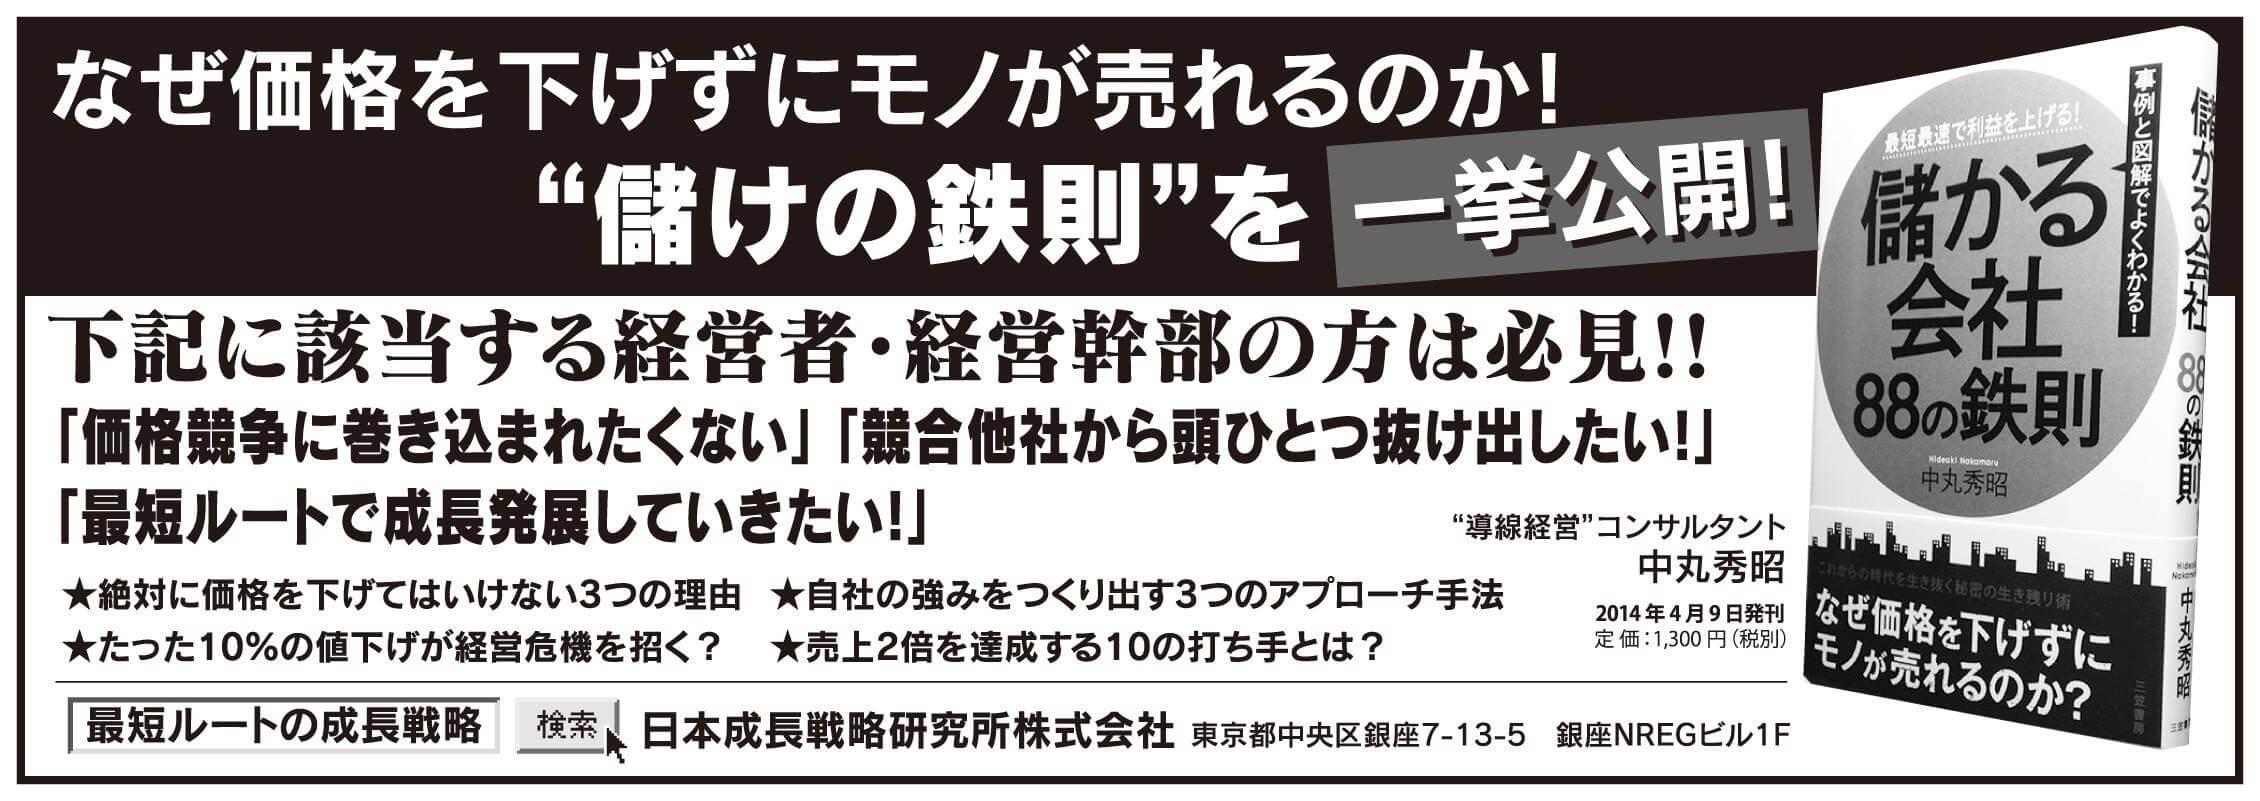 「儲かる会社88の鉄則」西日本新聞広告モノクロ原稿